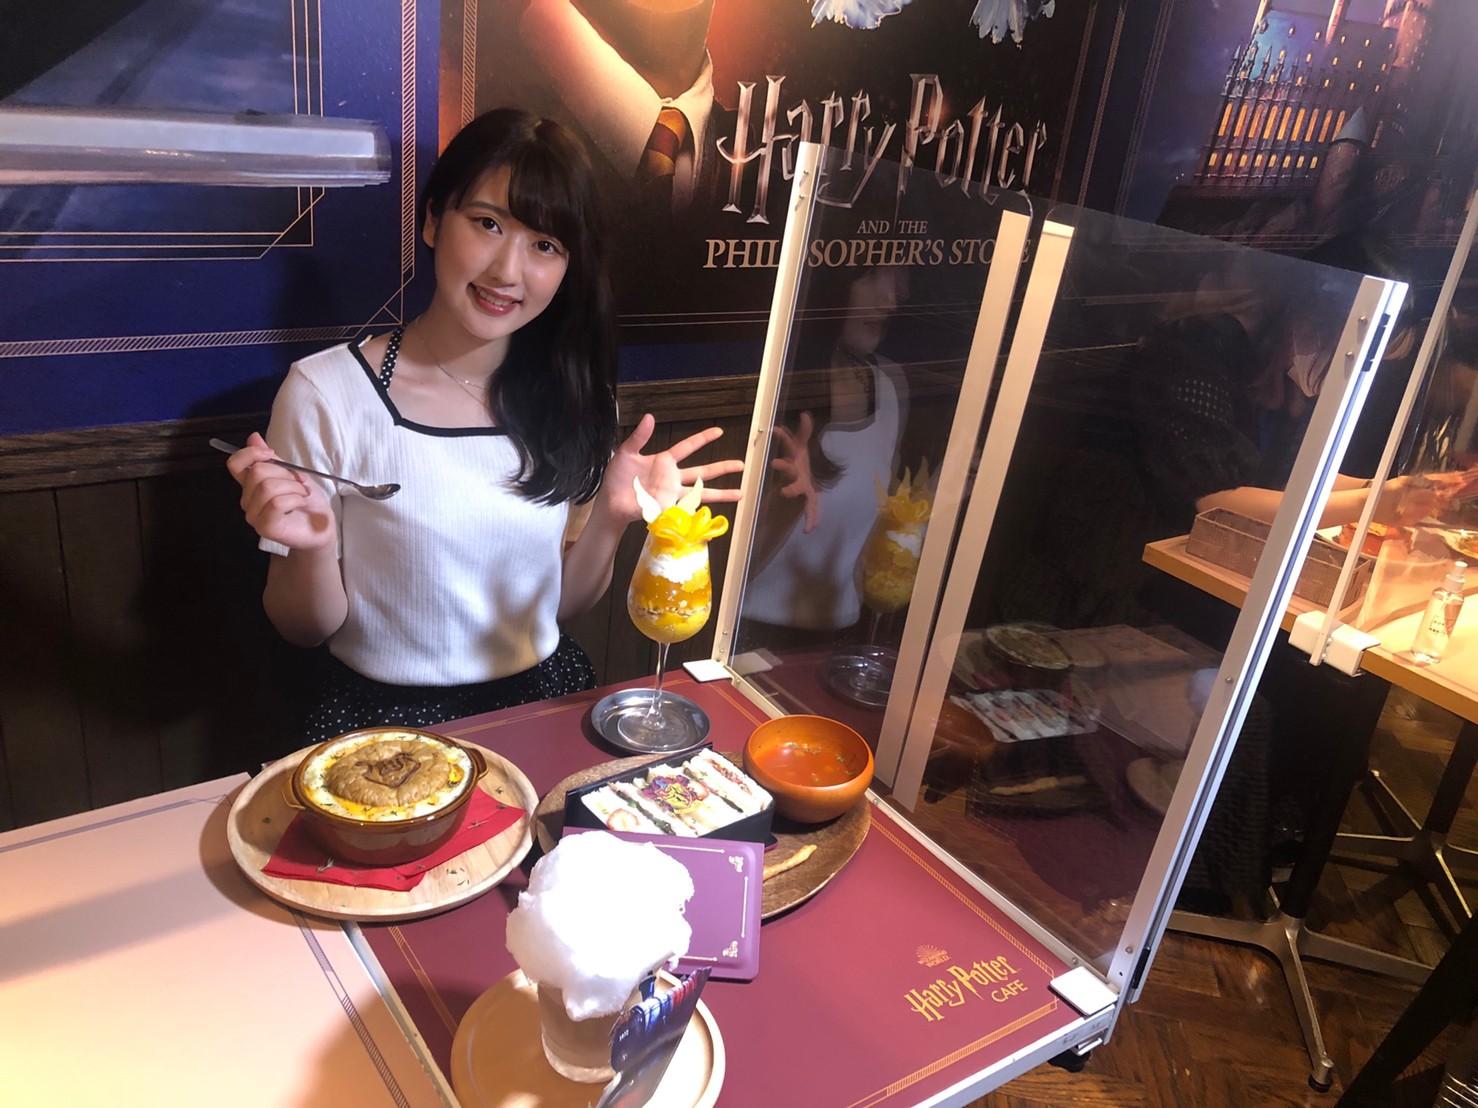 山本菜摘(ACTRESS PRESS REPORTER)in ハリー・ポッター カフェ